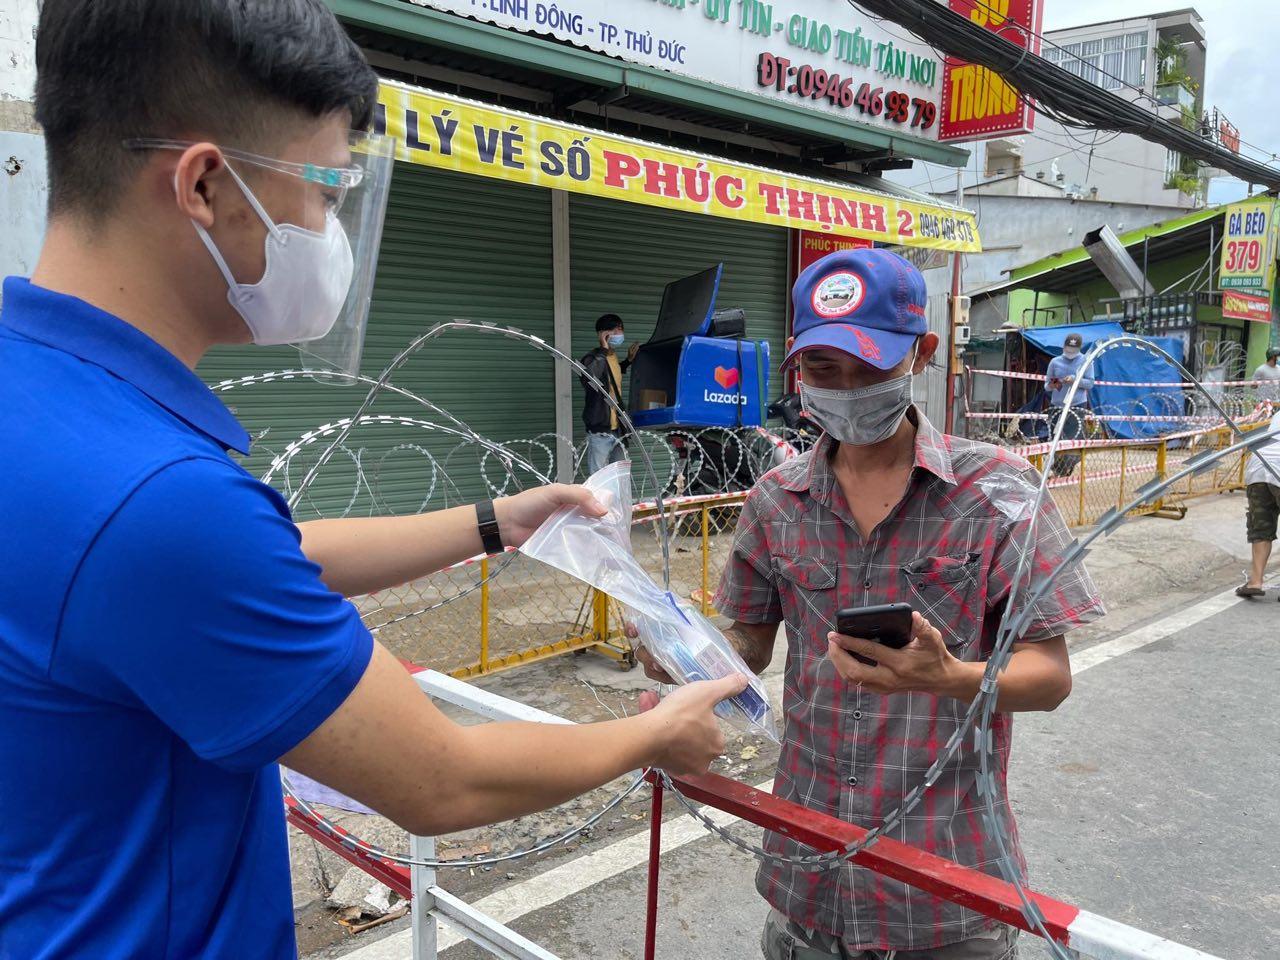 Ảnh: FPT Long Châu